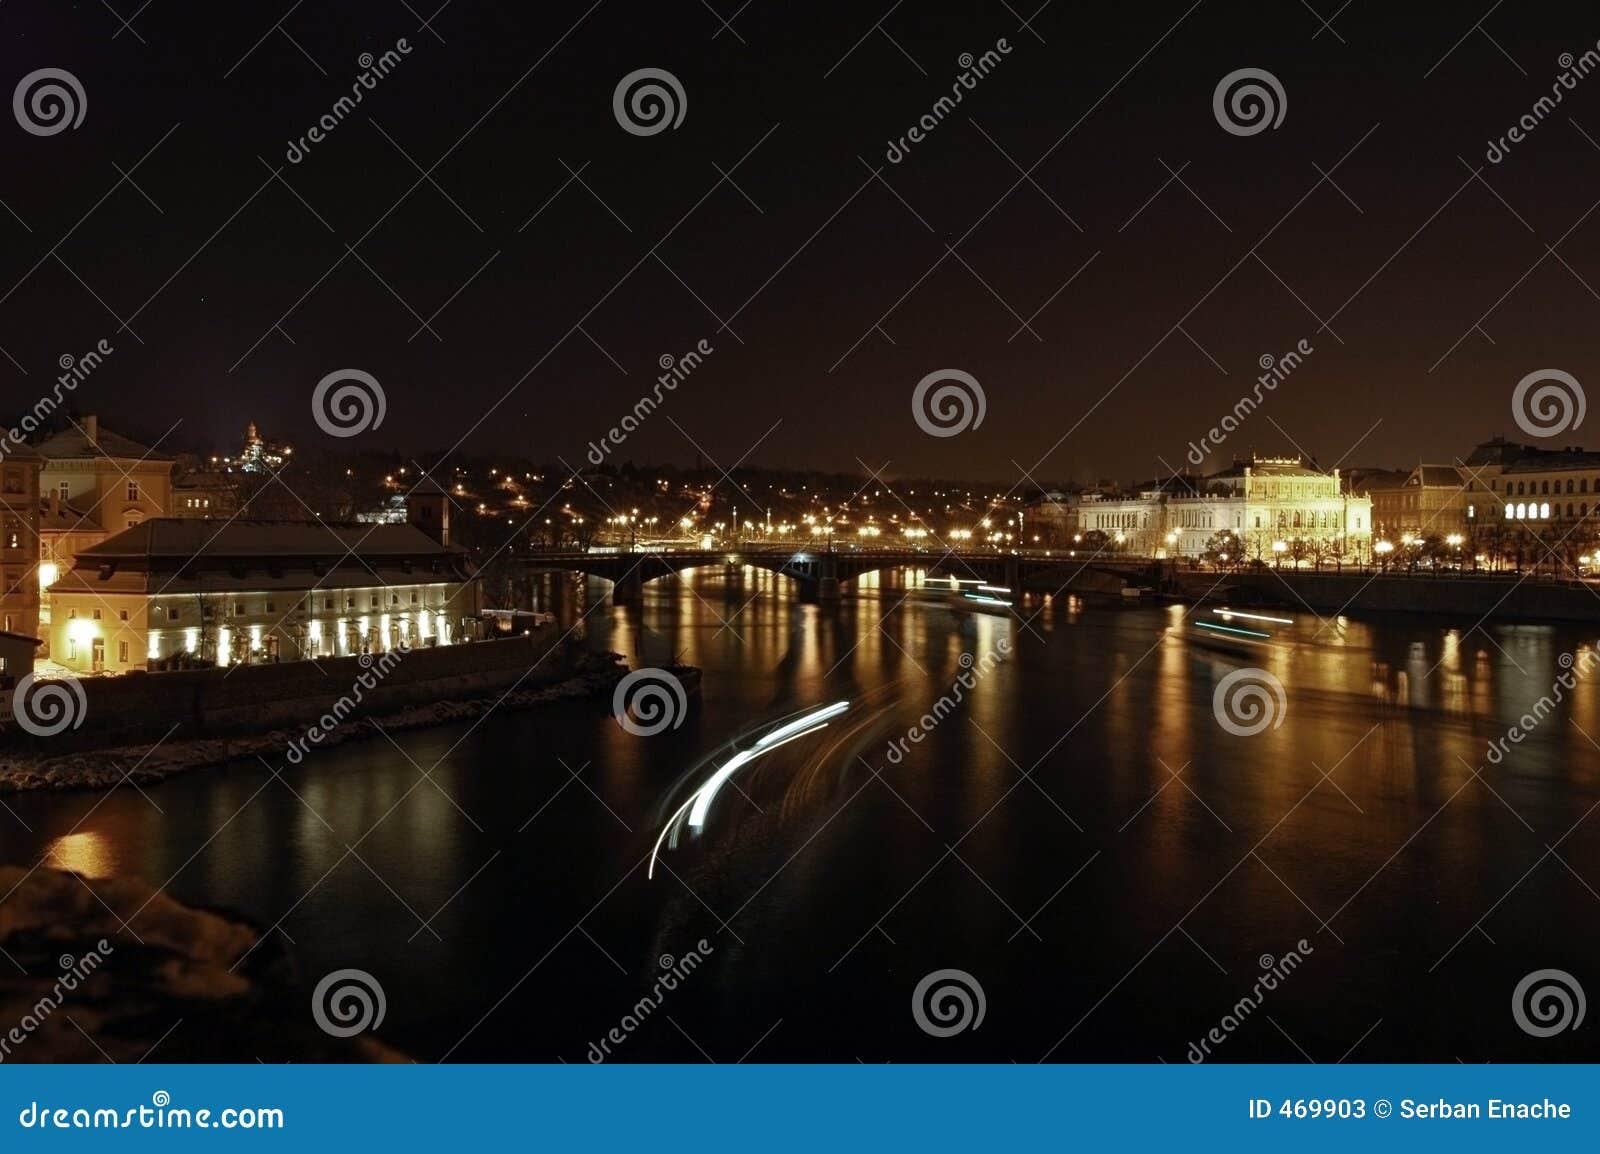 Download Prague at night stock image. Image of prague, guards, dark - 469903